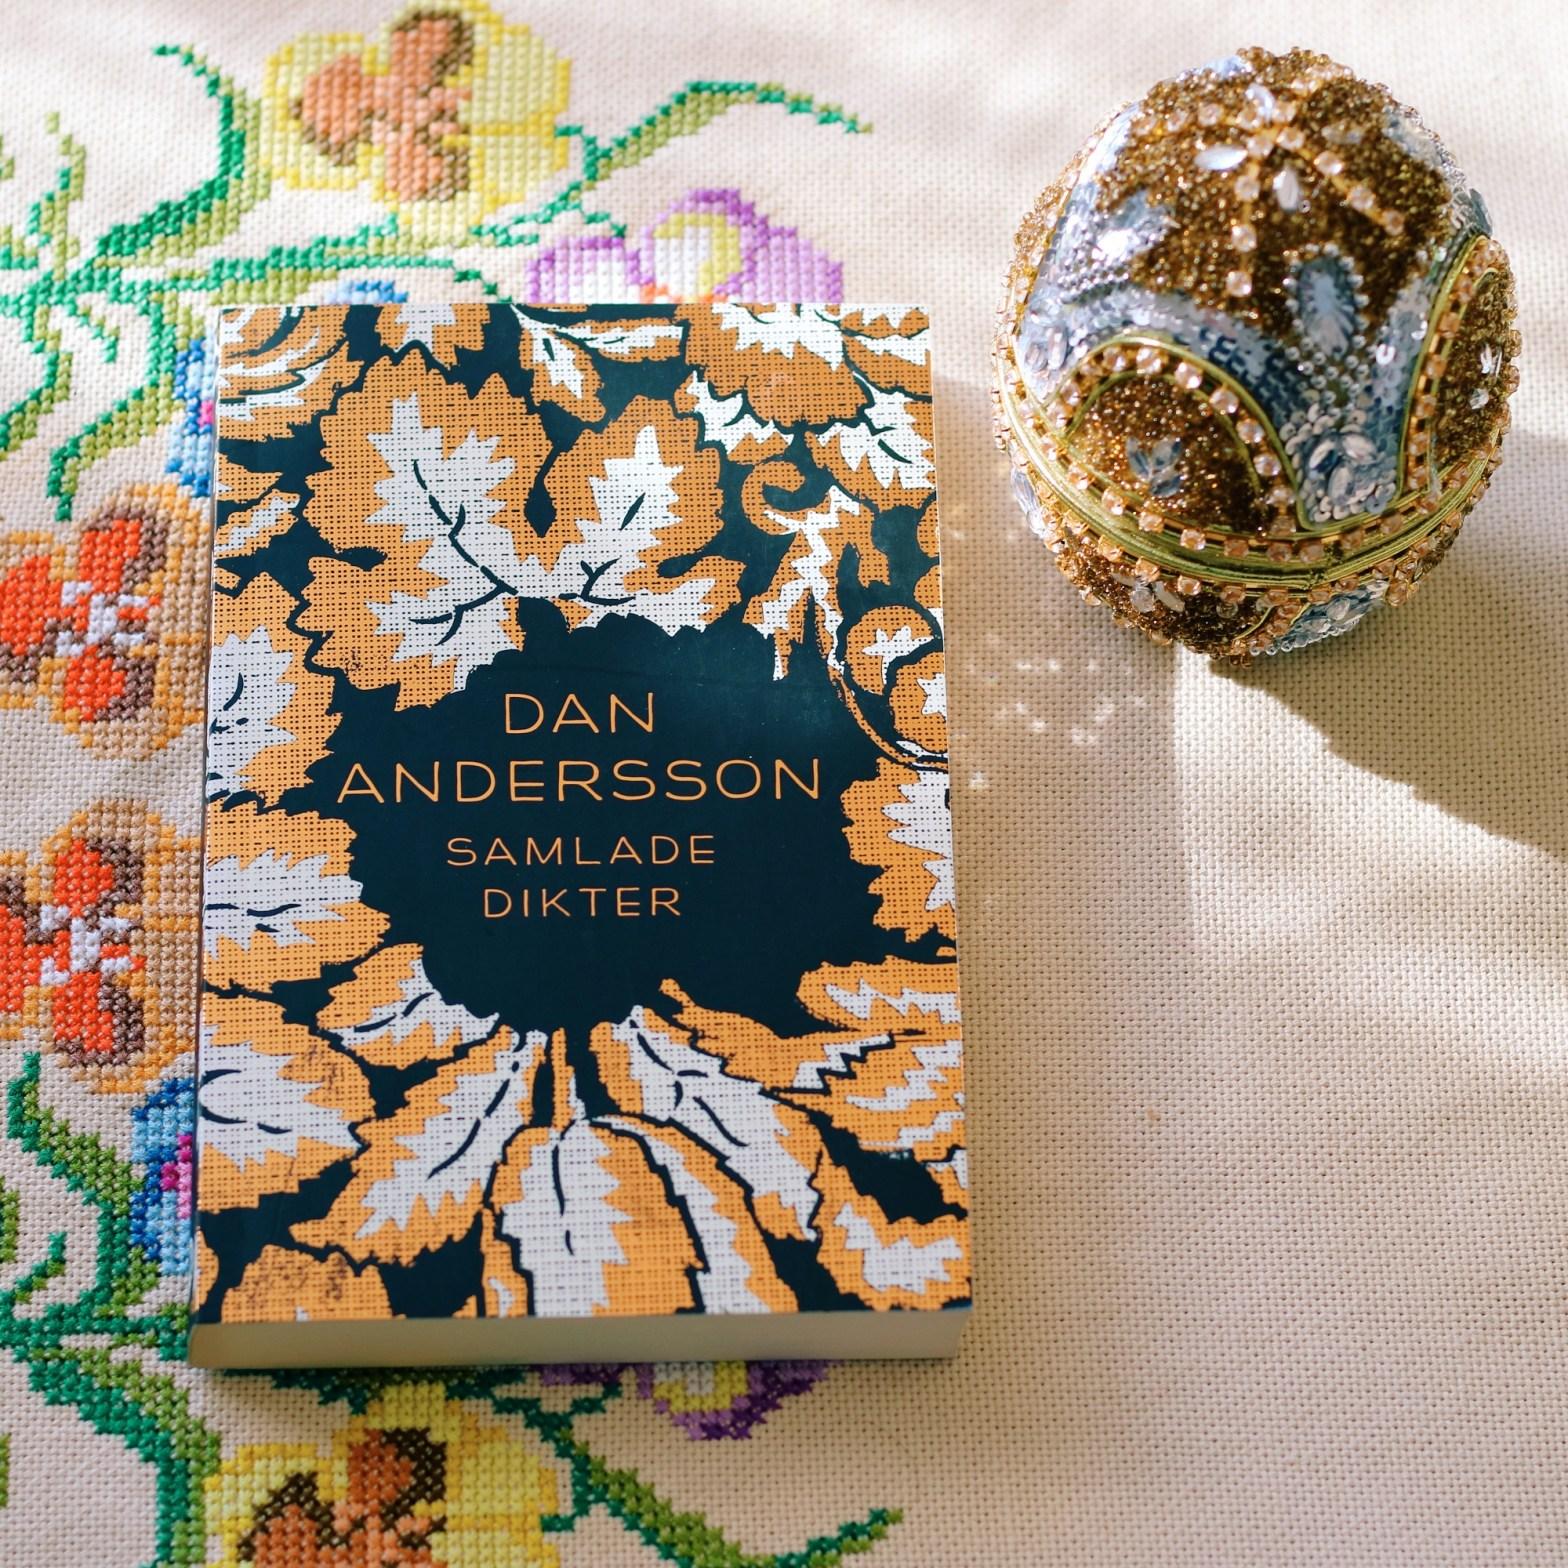 Samlade dikter av Dan Andersson